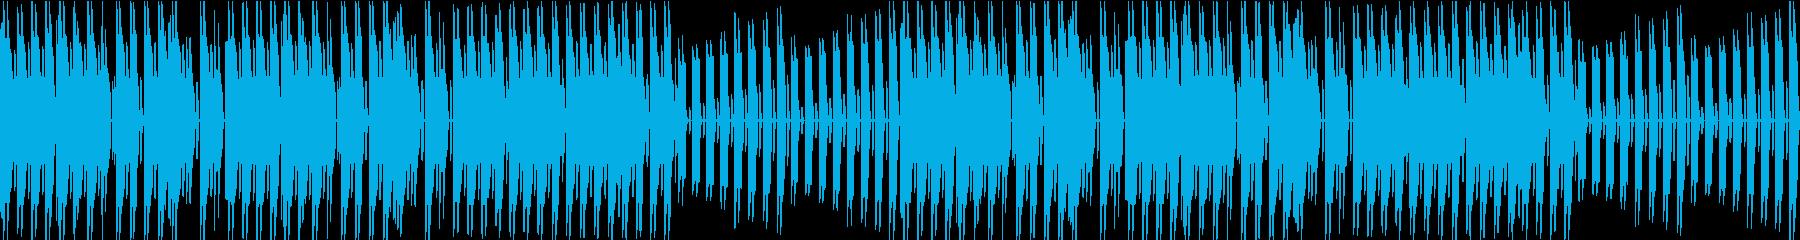 FC風ループ コンパスを頼りにの再生済みの波形